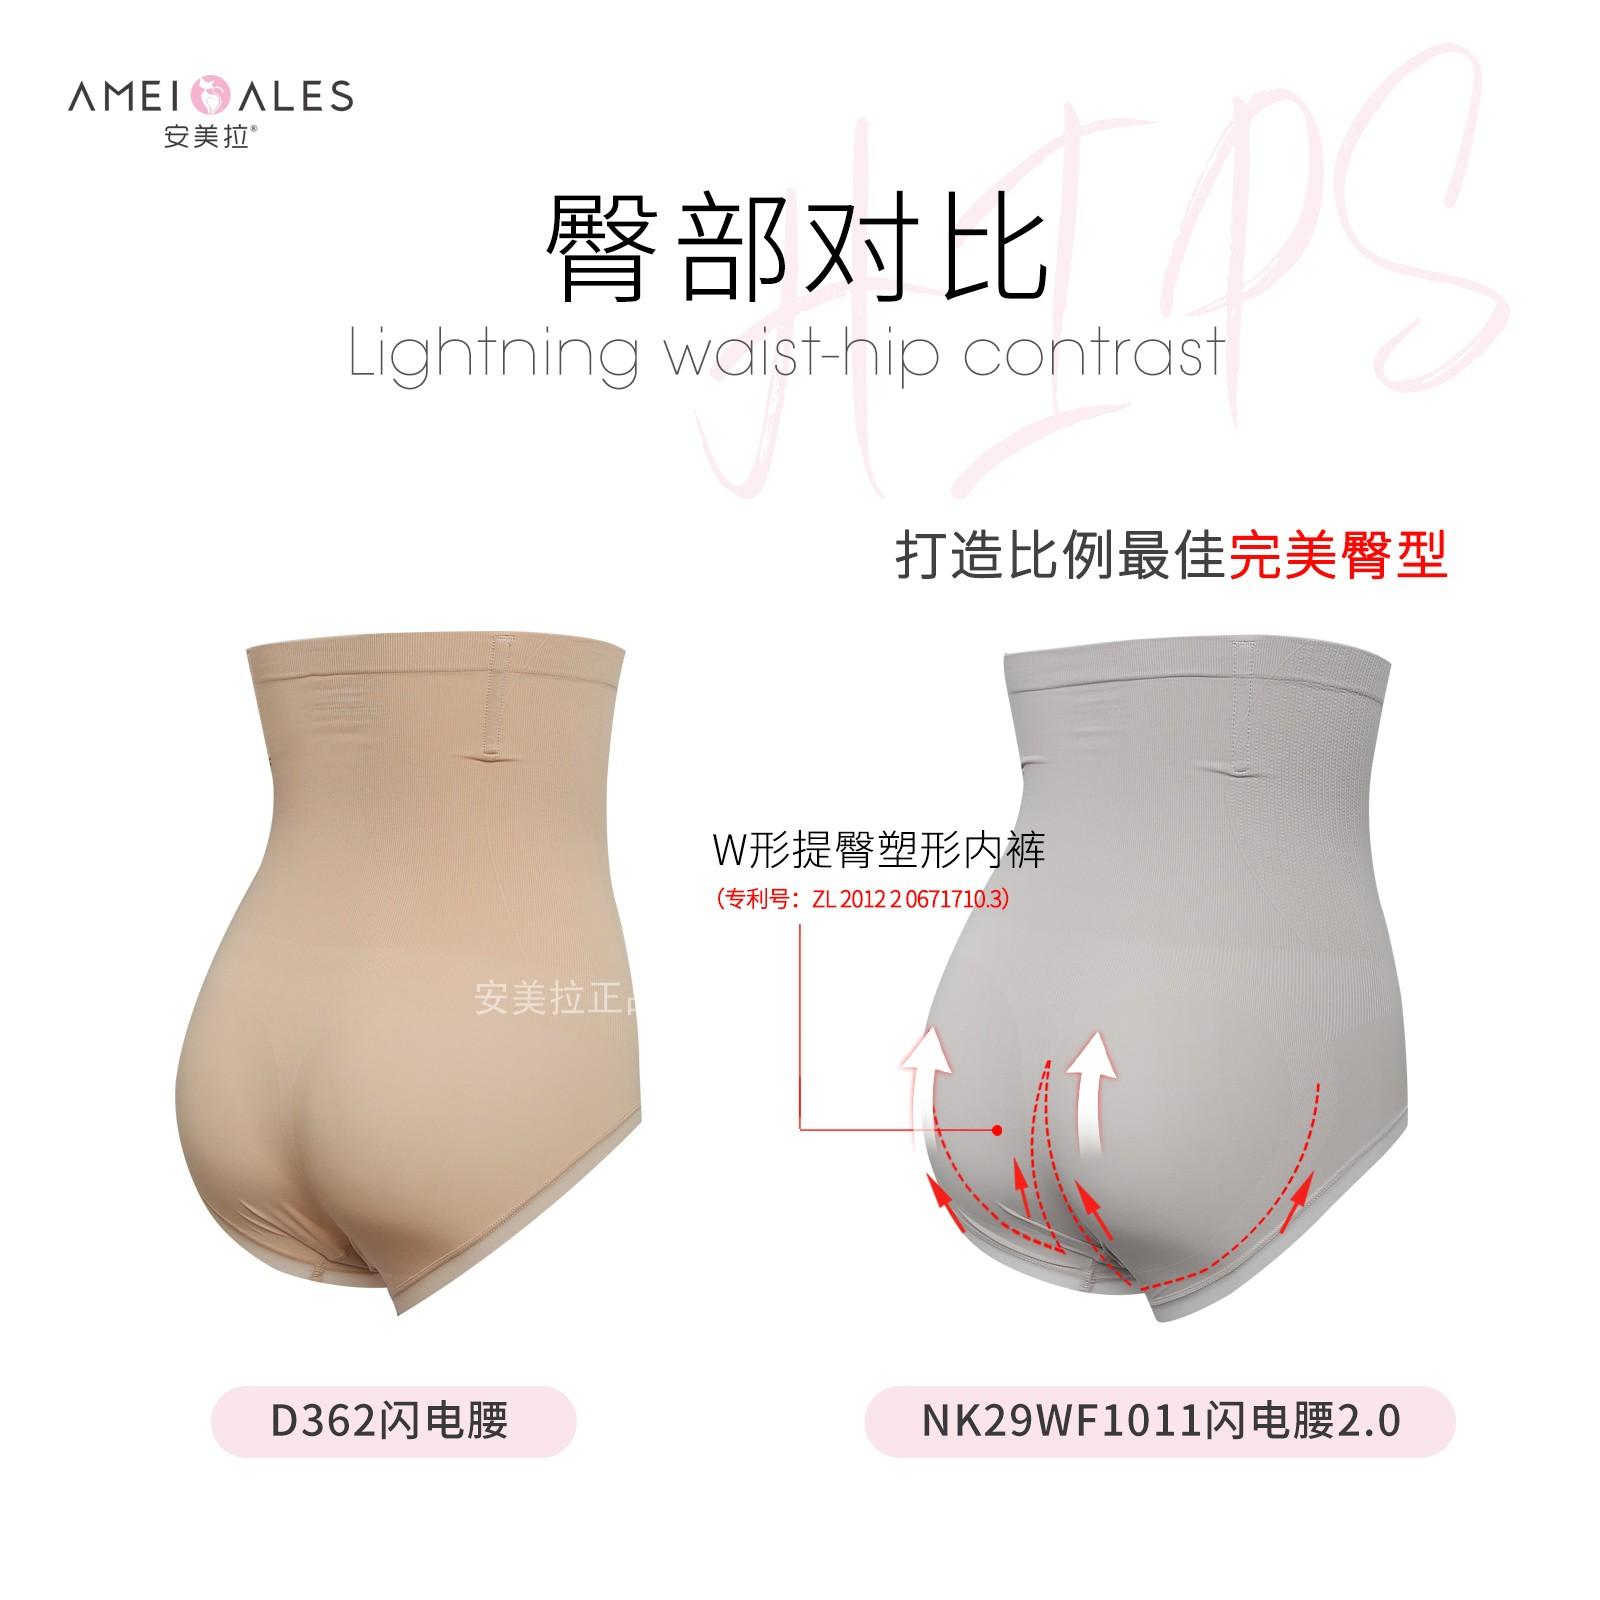 安美拉正品闪电腰2.0夏季高腰收腹提臀暖宫内裤产后收腹女内裤